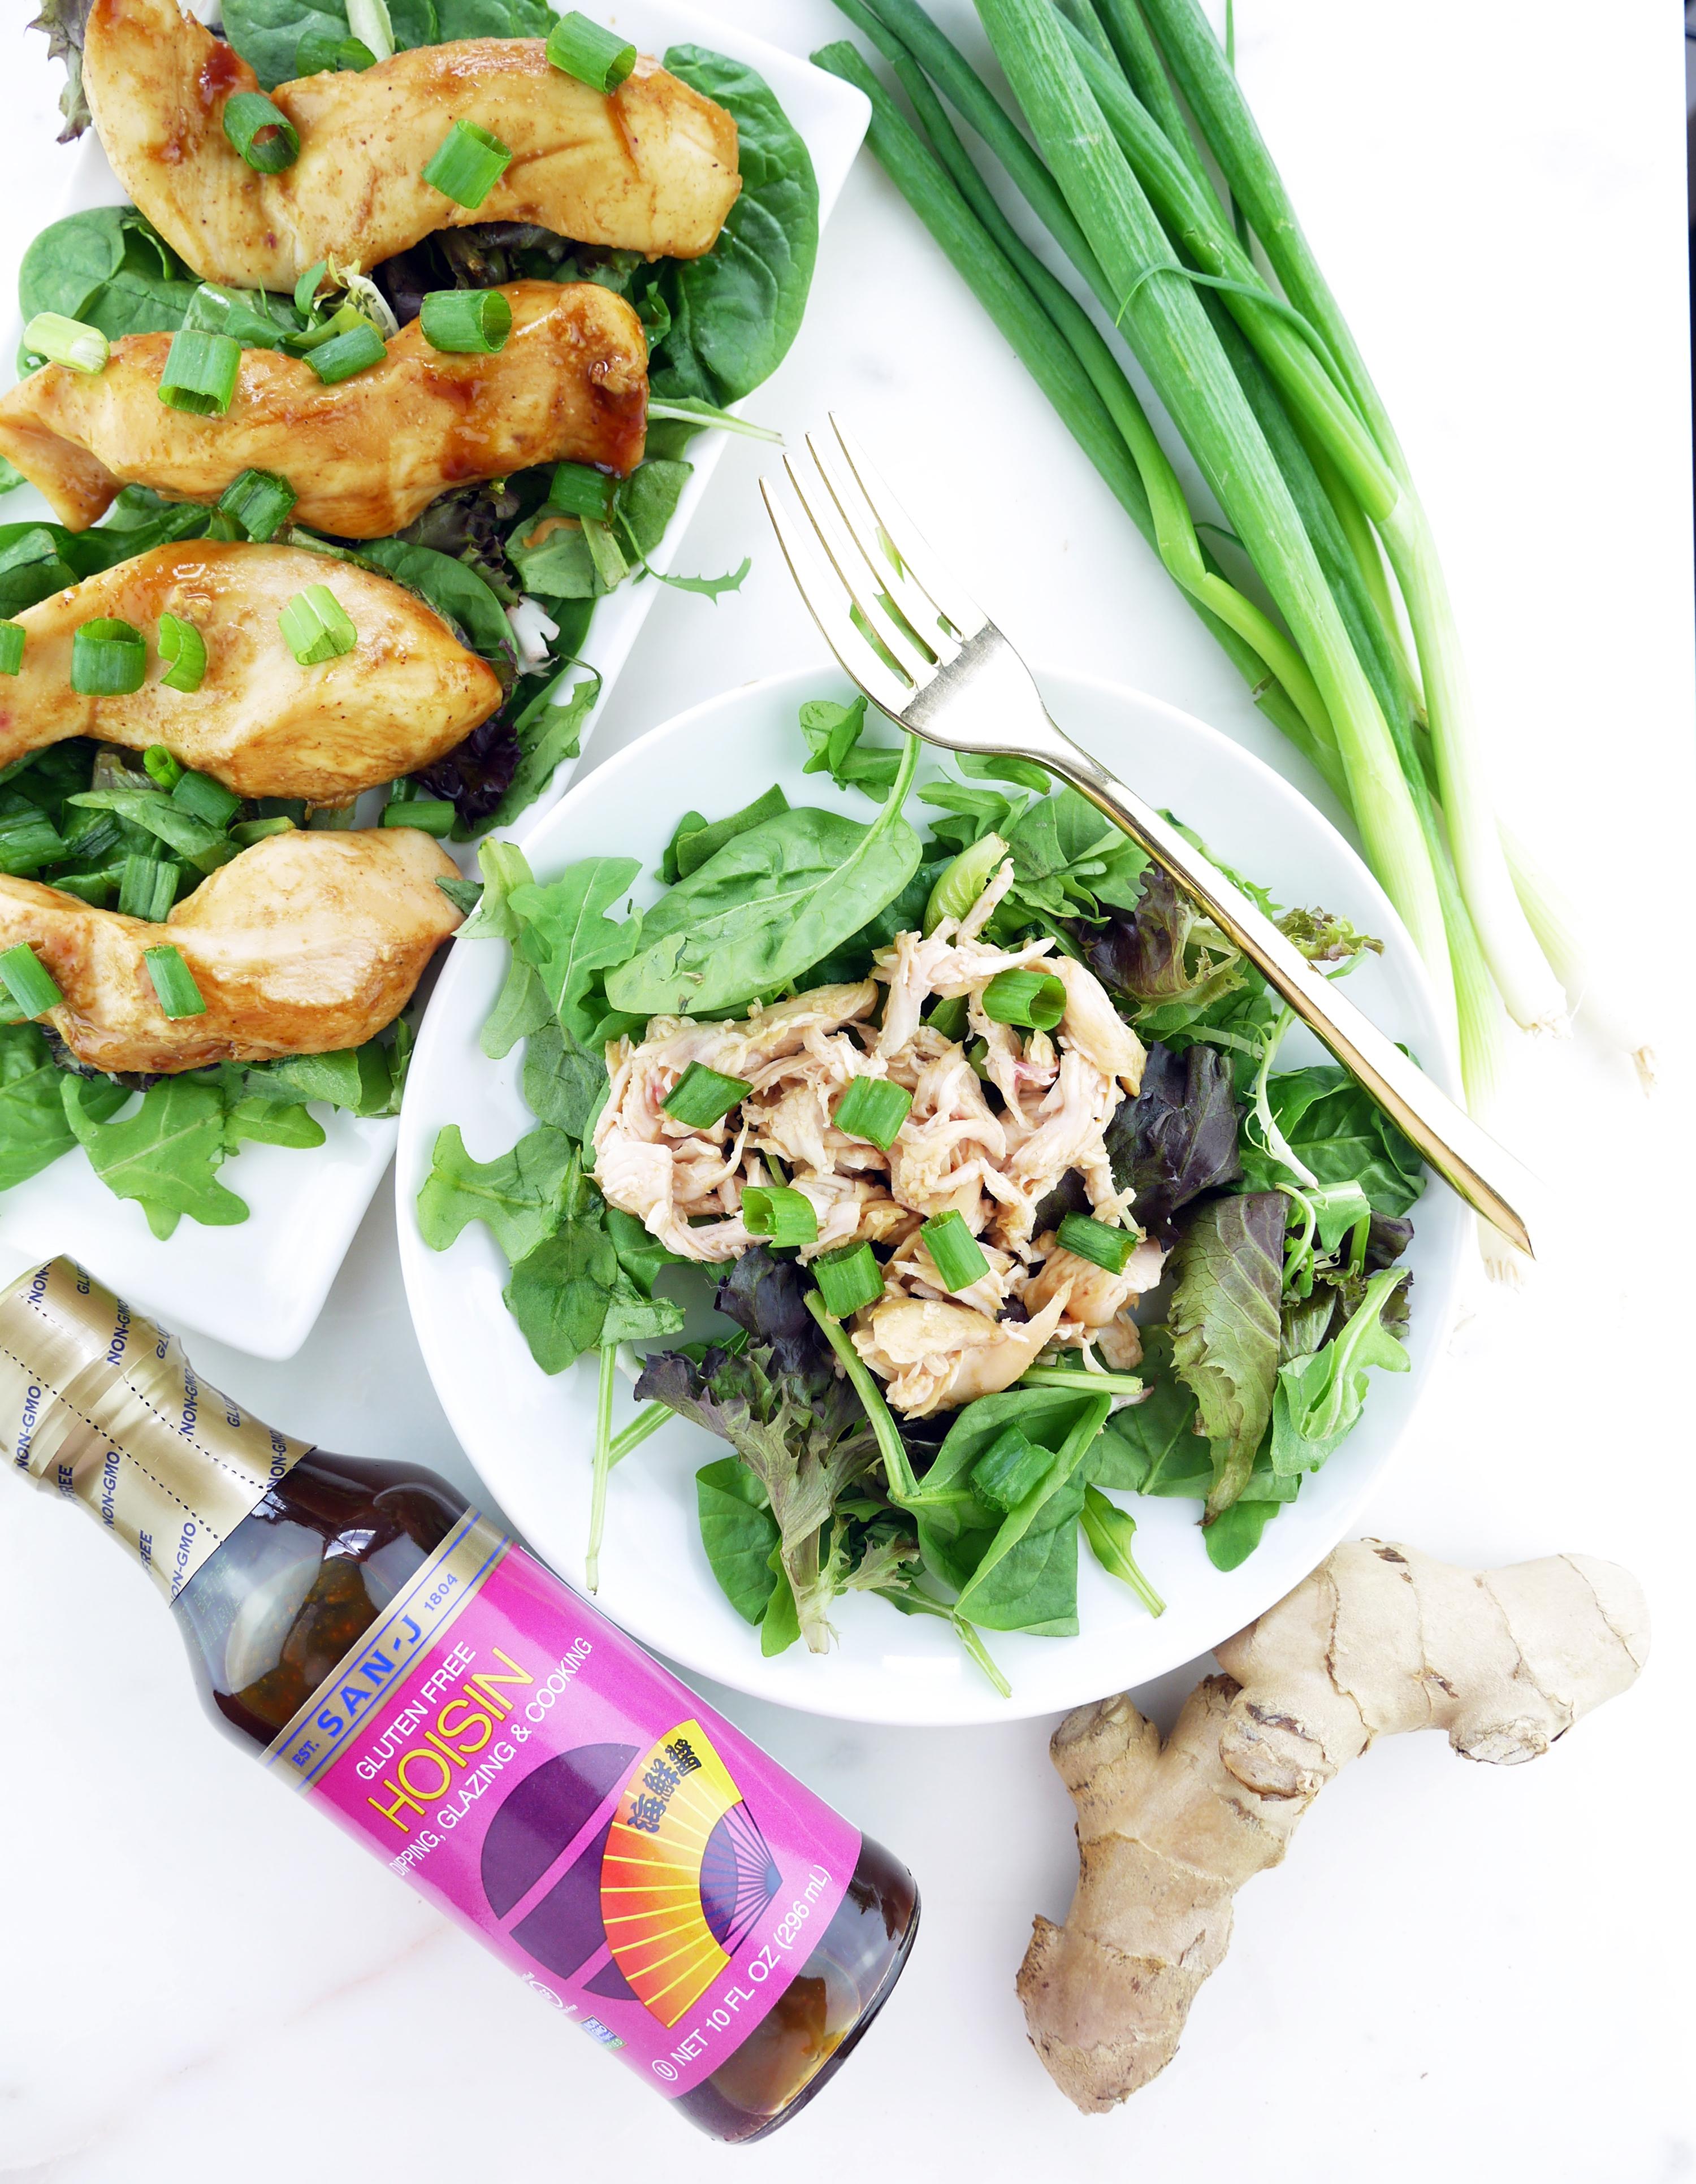 5 Ingredient Crockpot Chicken San-J Hoisin Sauce Gluten Free